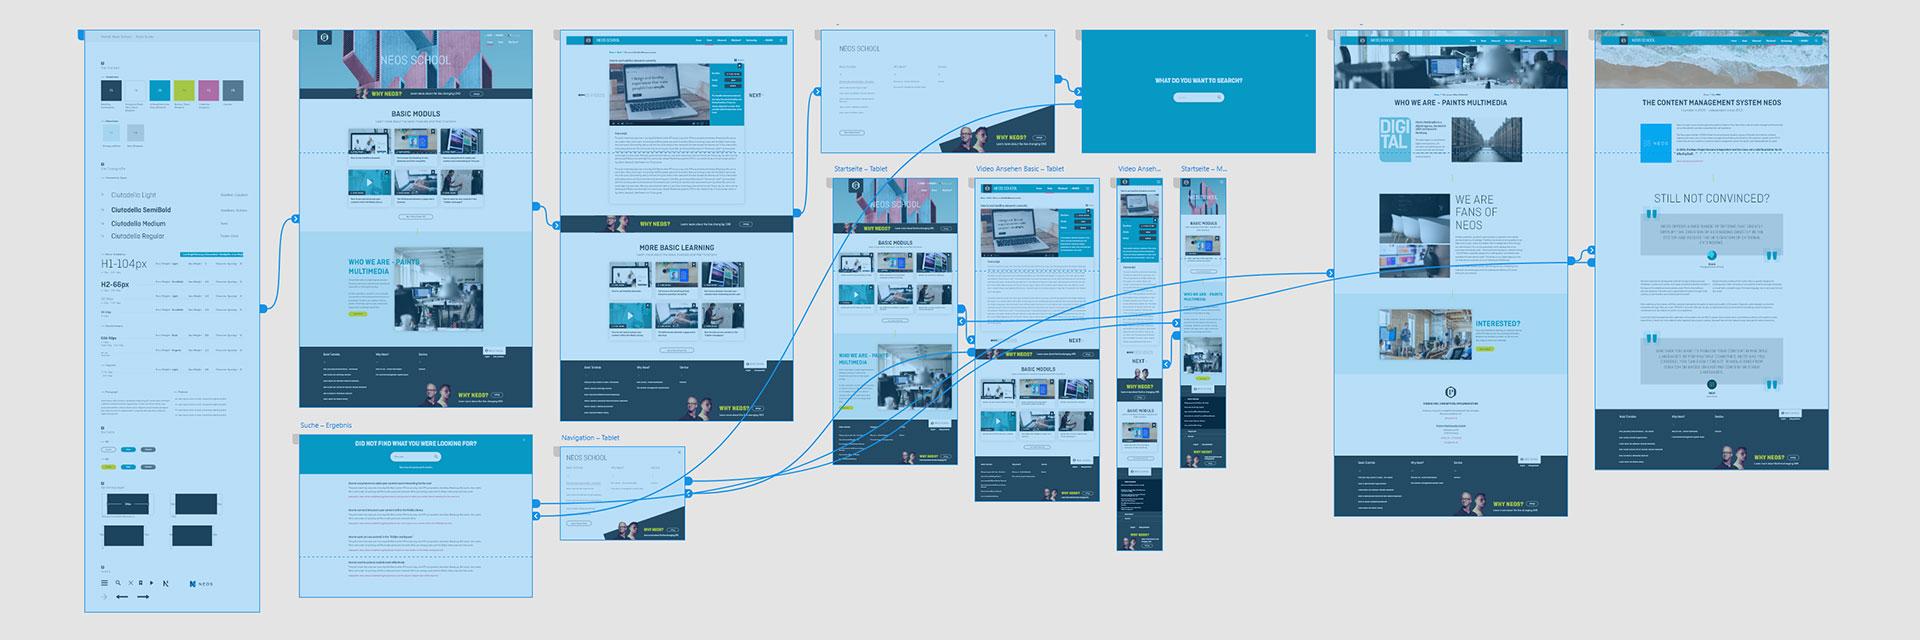 Übersicht von Verknüpfungen zwischen Arbeitsflächen im Prototyp-Modus.